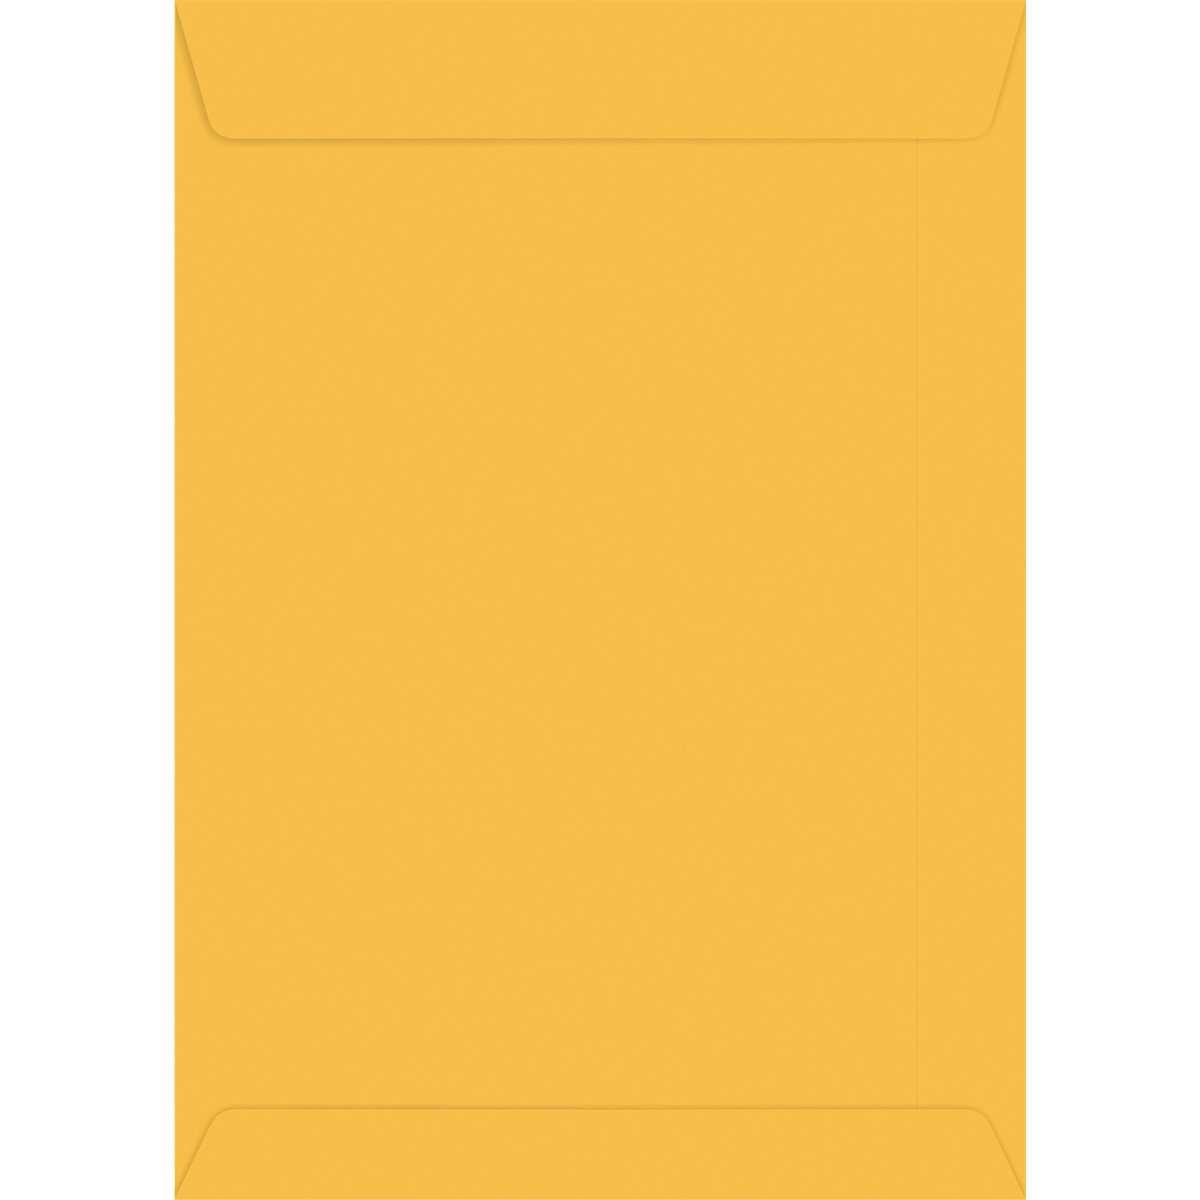 ENVELOPE SACO OURO 162 X 229